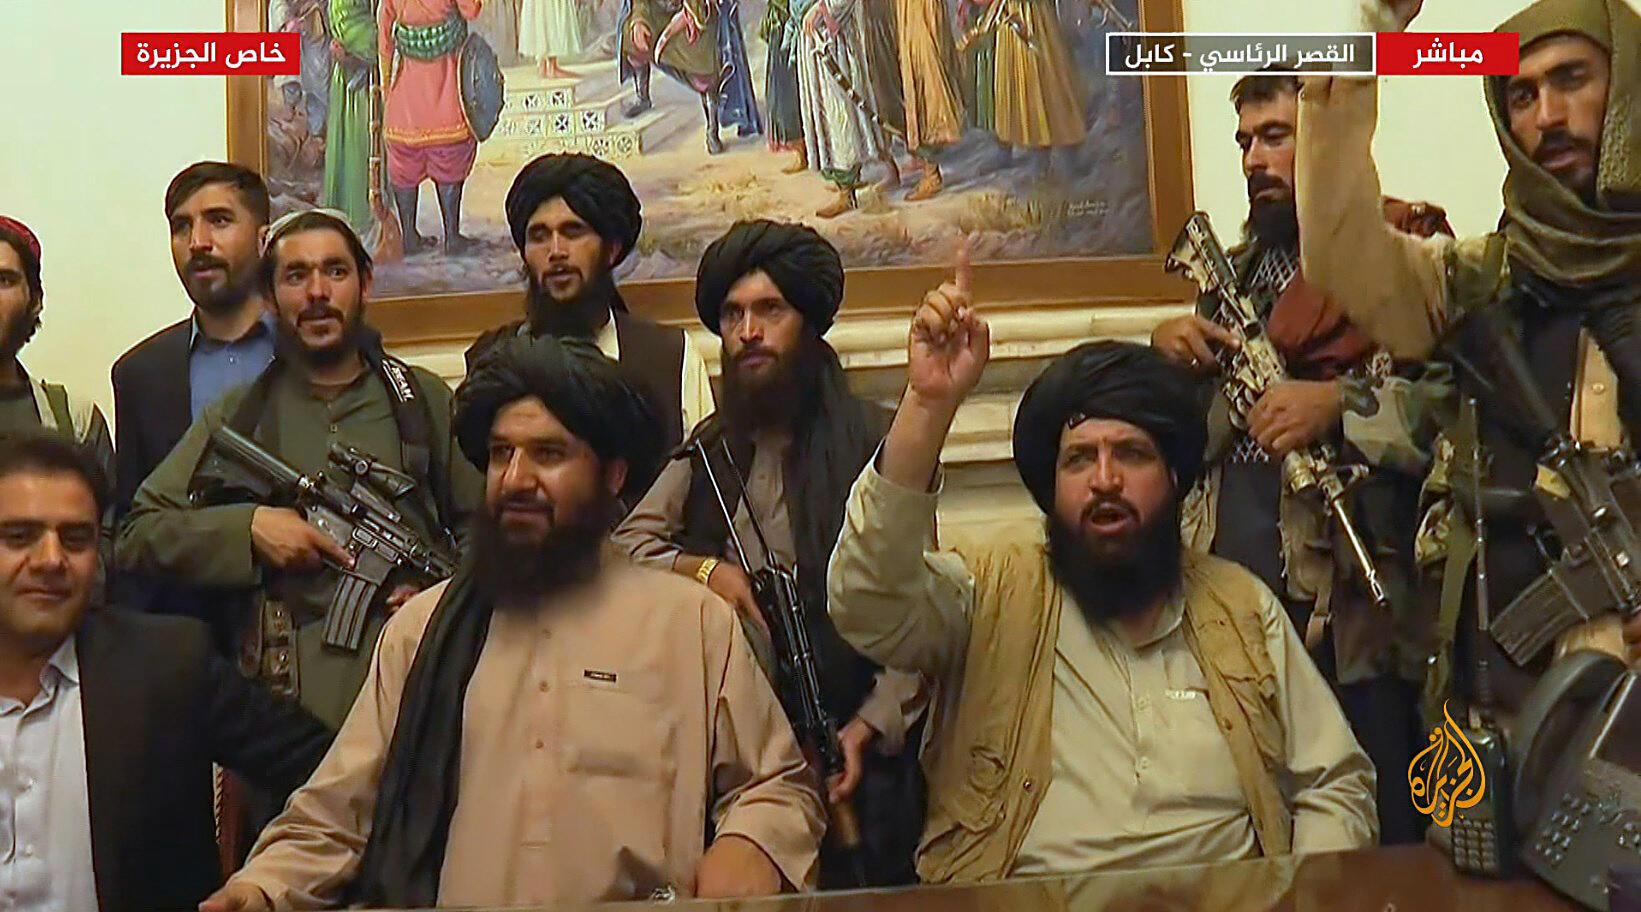 Captura de imagen de la televisión Al-Jazeera del 16 de agosto de 2021 que muestra a los talibanes en el palacio presidencial de Kabul